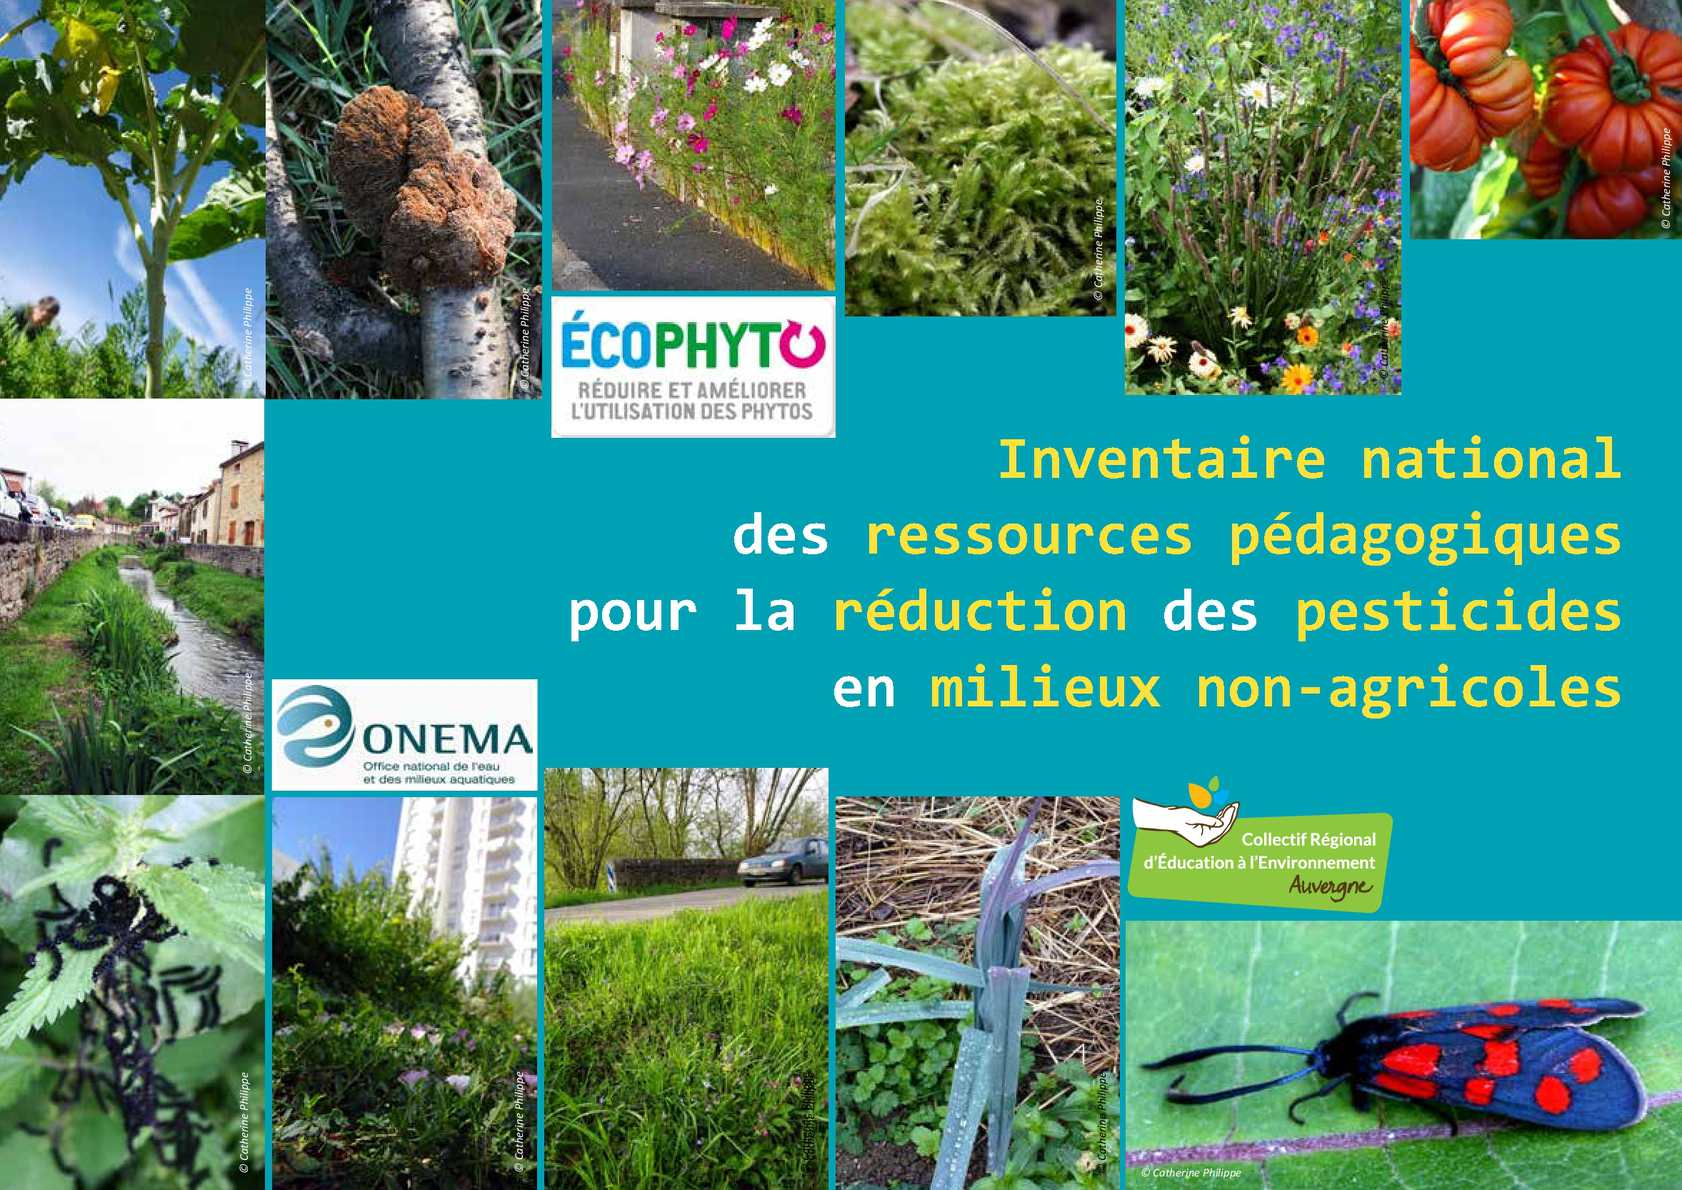 Inventaire national des ressources pédagogiques pour la réduction des pesticides en milieux non-agricoles